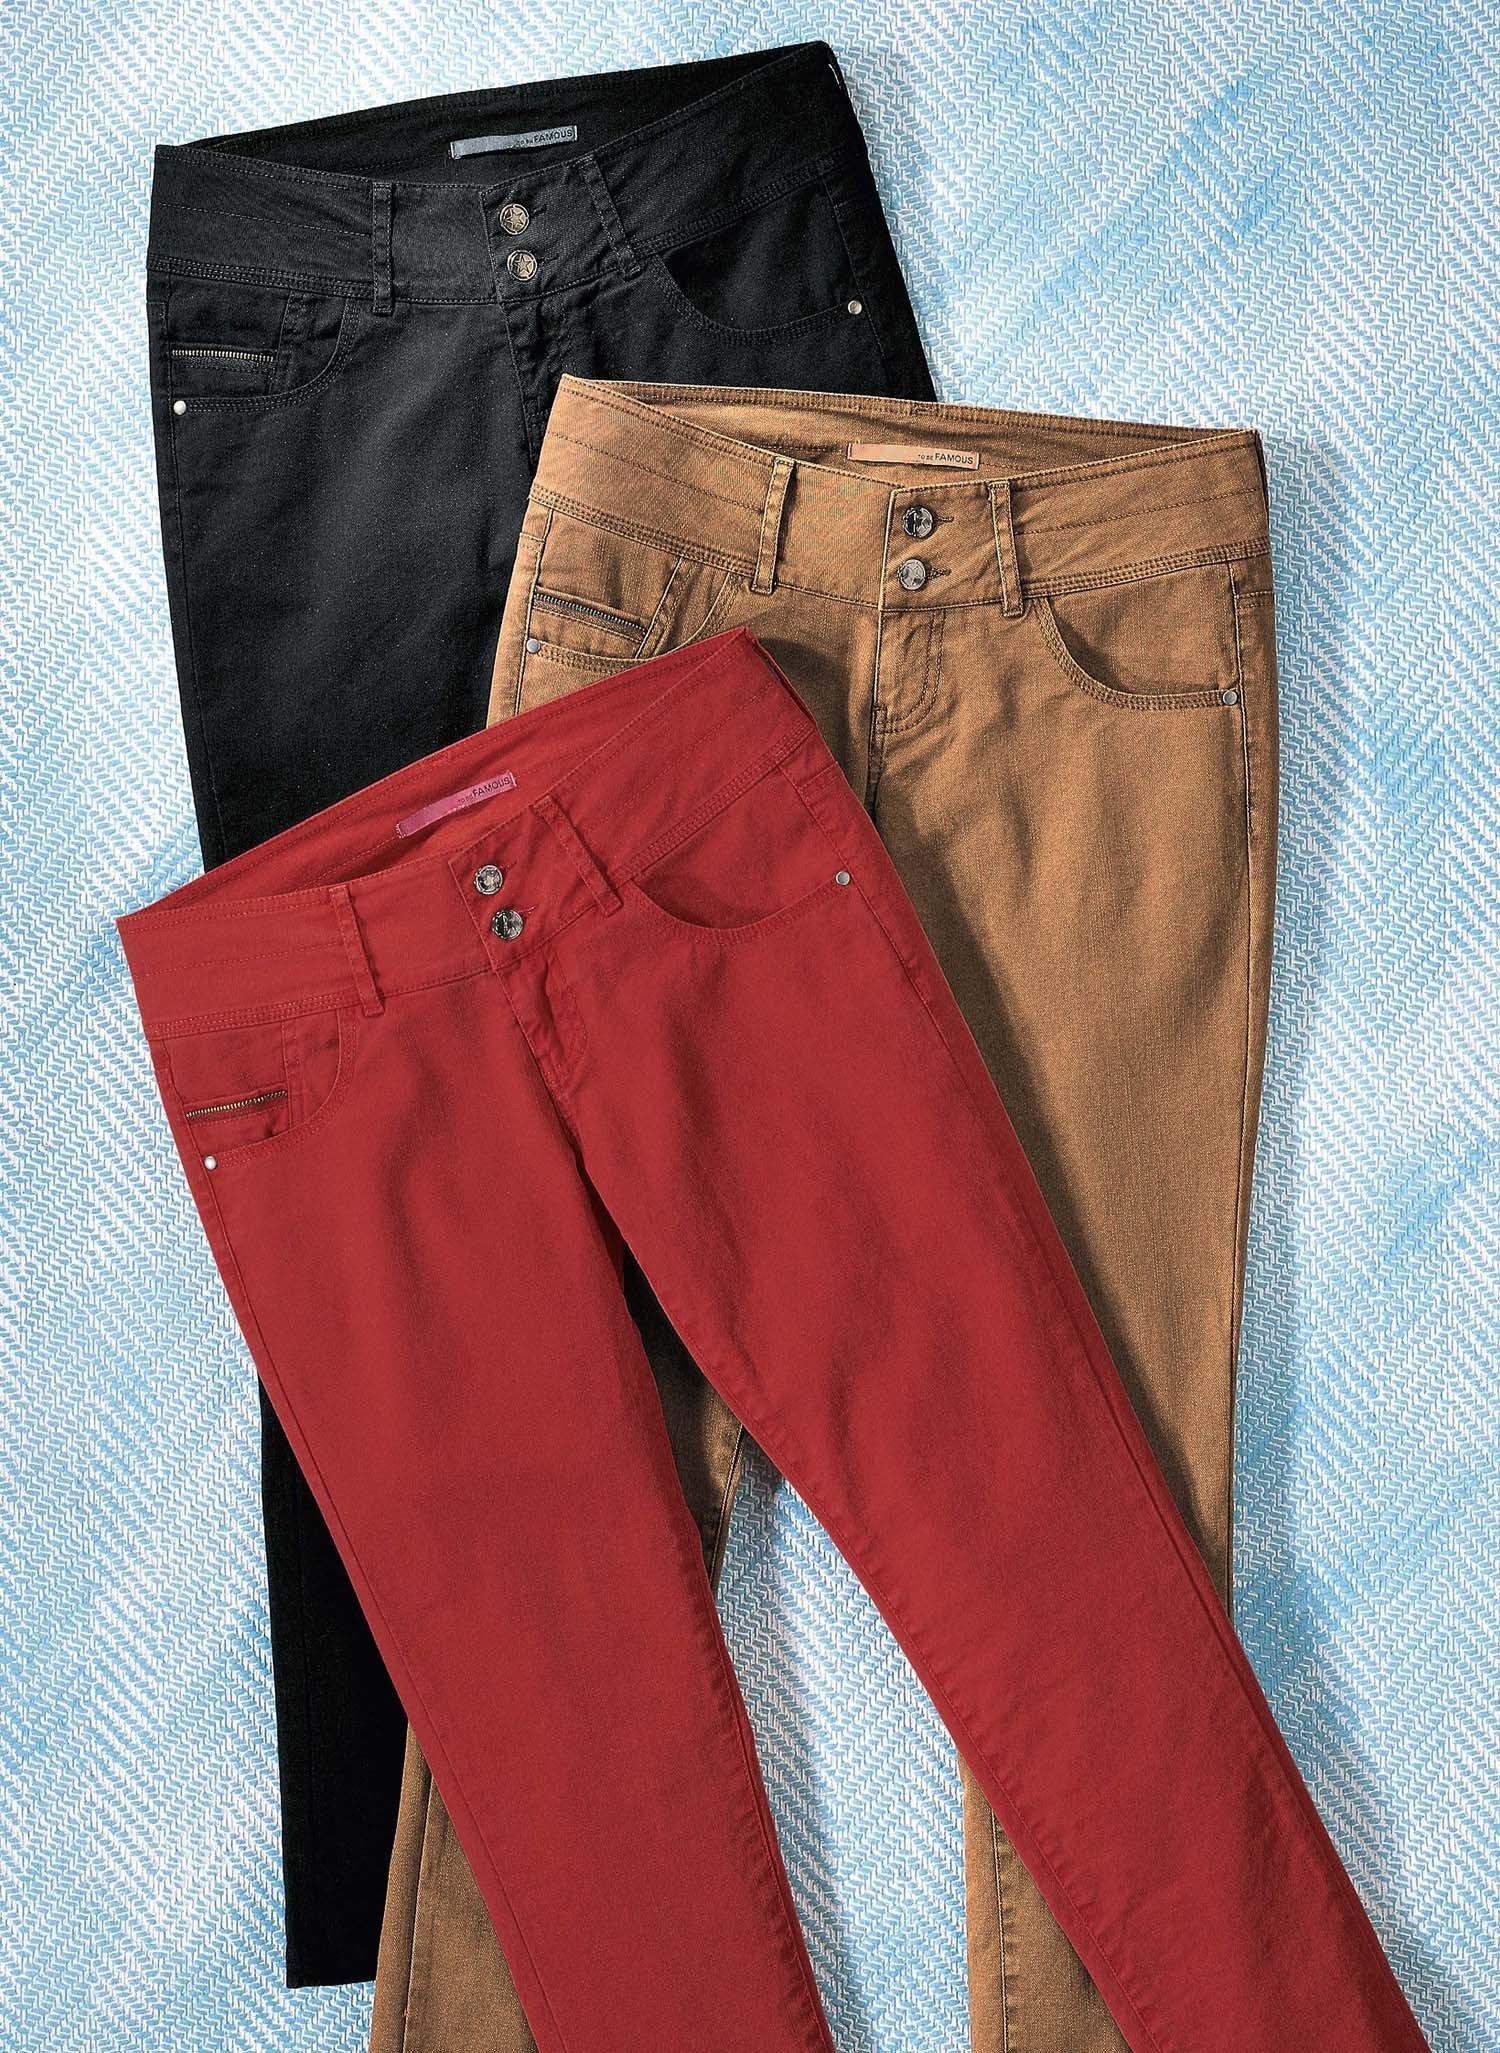 D-Colors-Jeans h-Bund camel 44 041 - 2 - Ronja.ch